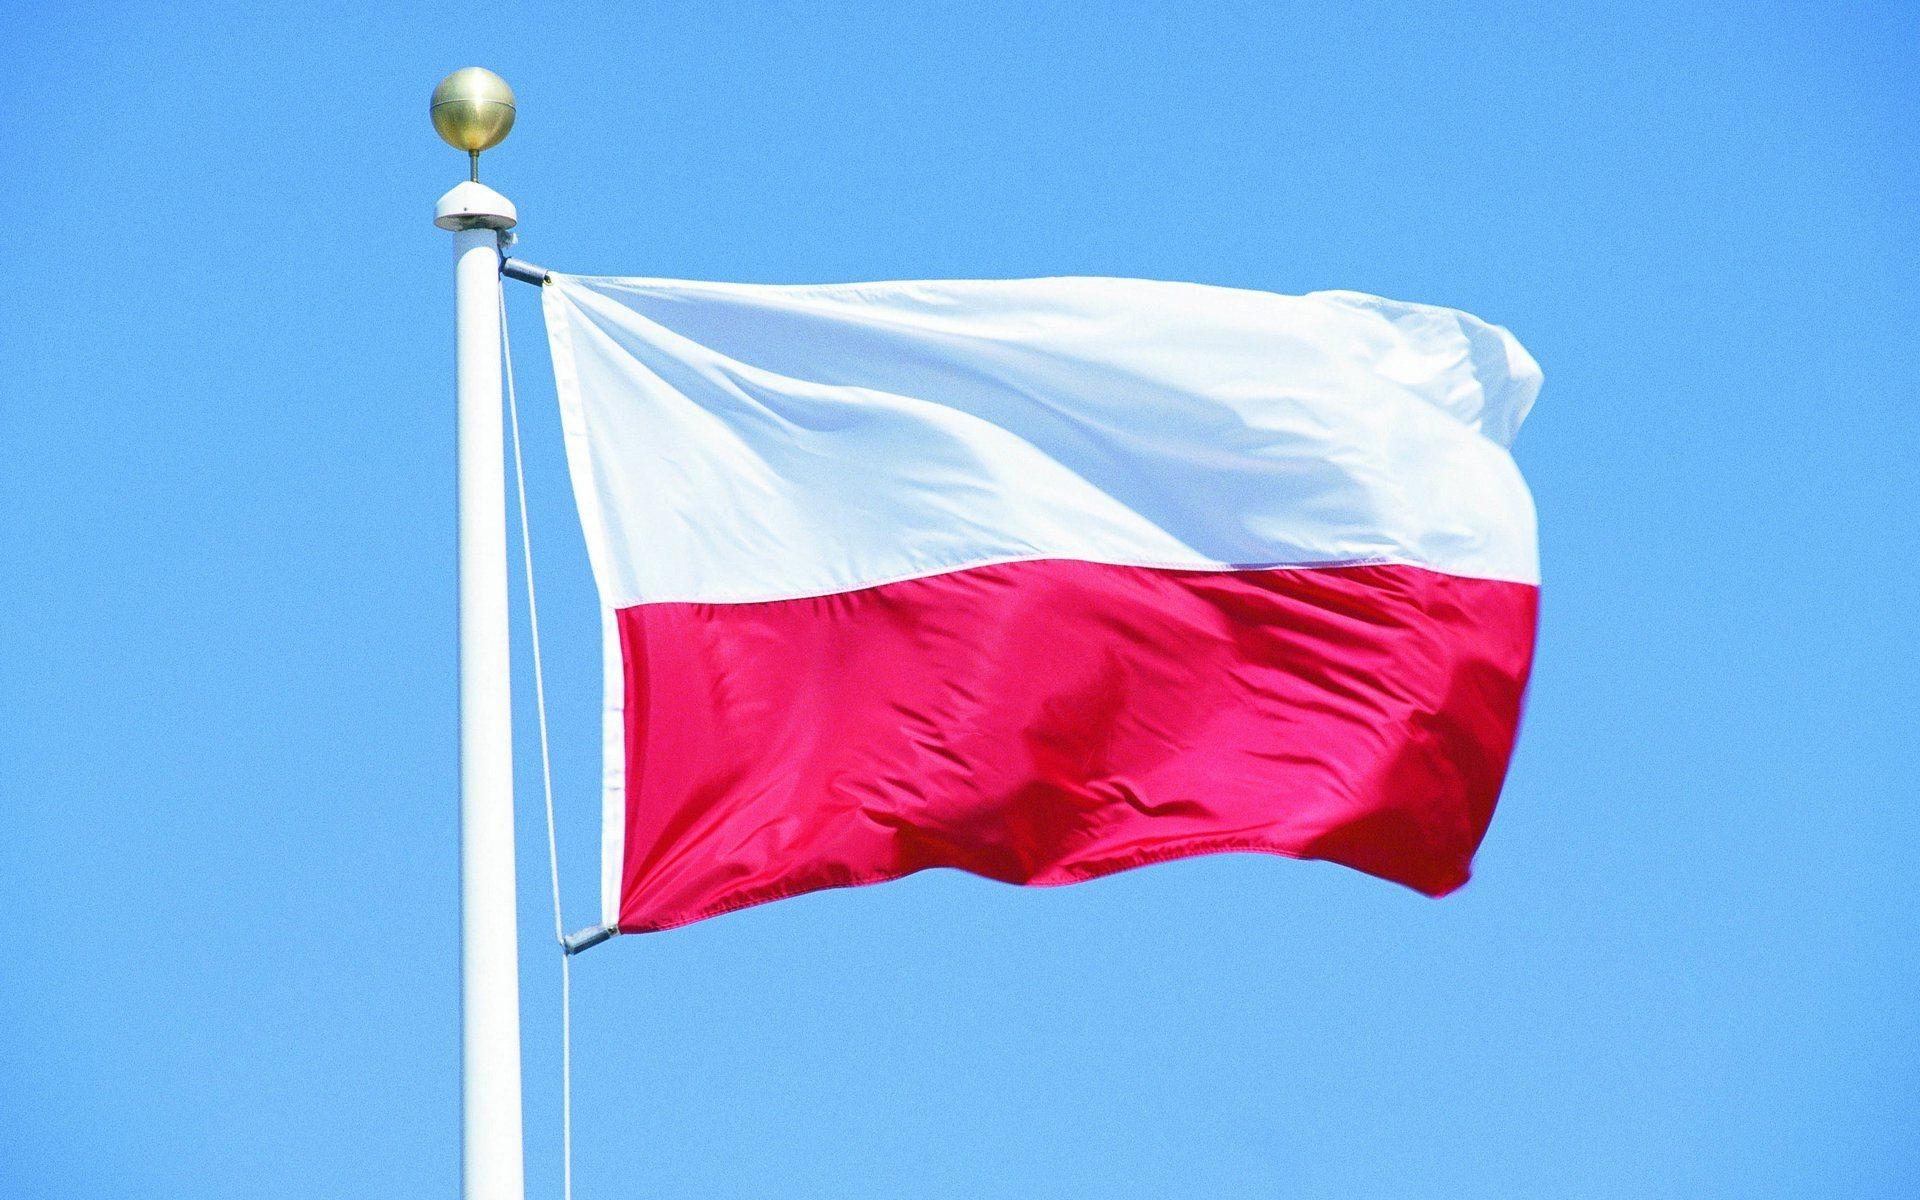 Польские власти решили отправить наметаллолом советский монумент